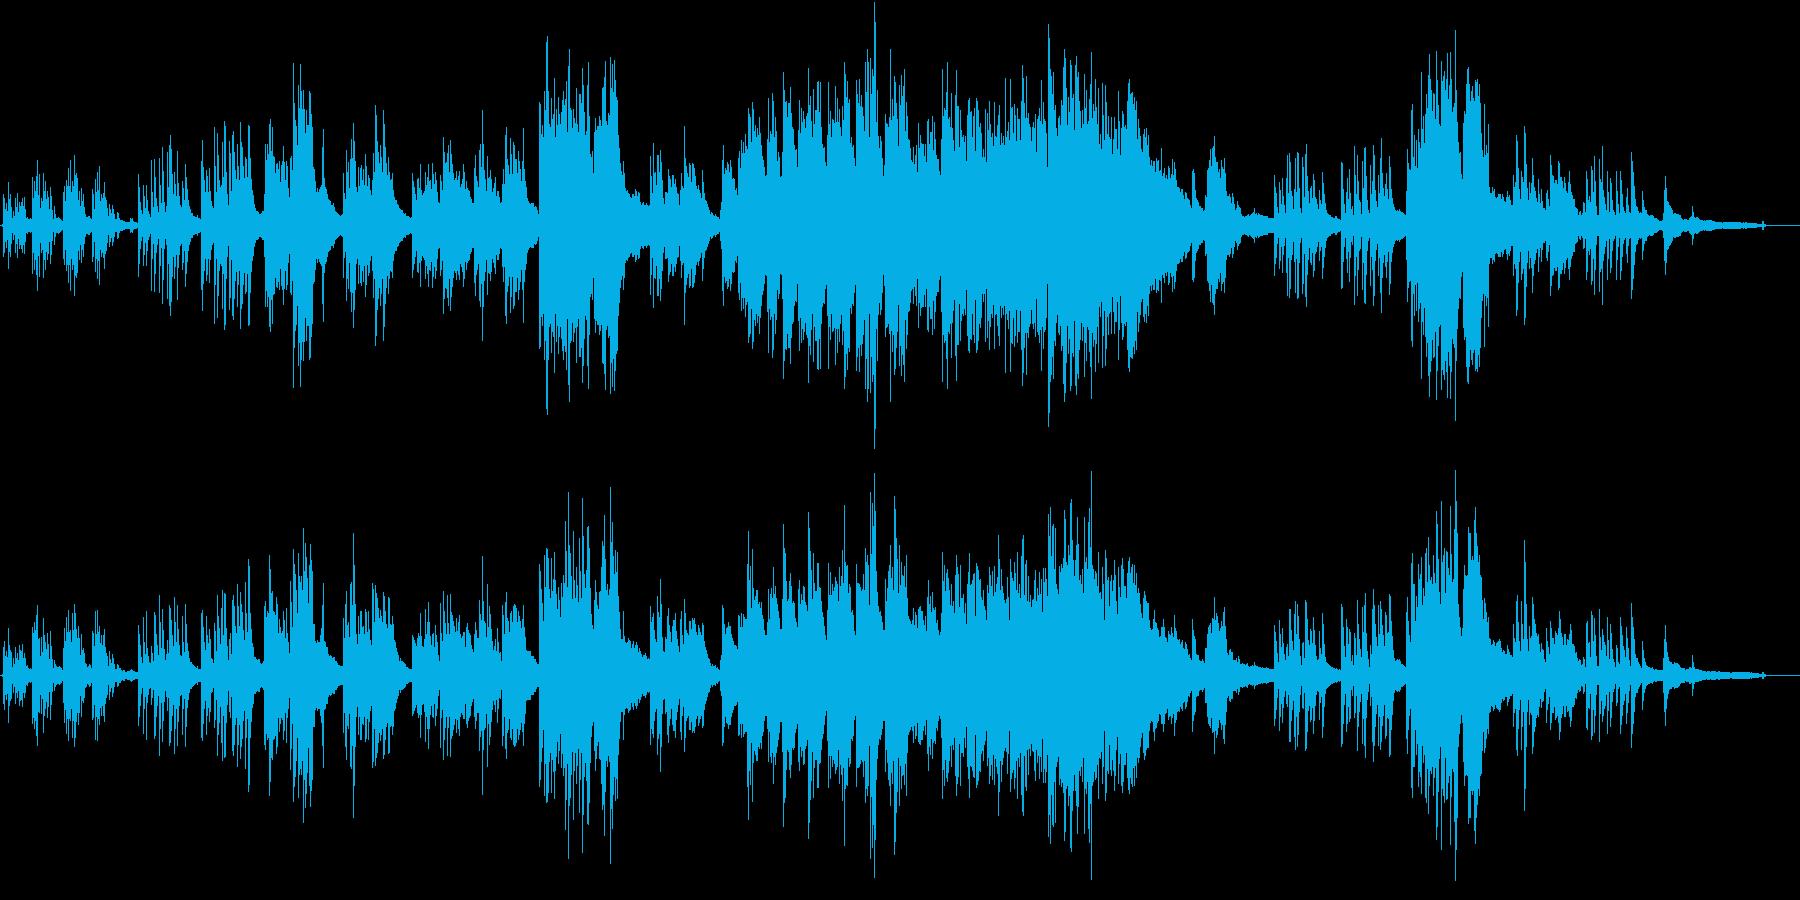 童謡「故郷の空」優しいピアノアレンジの再生済みの波形